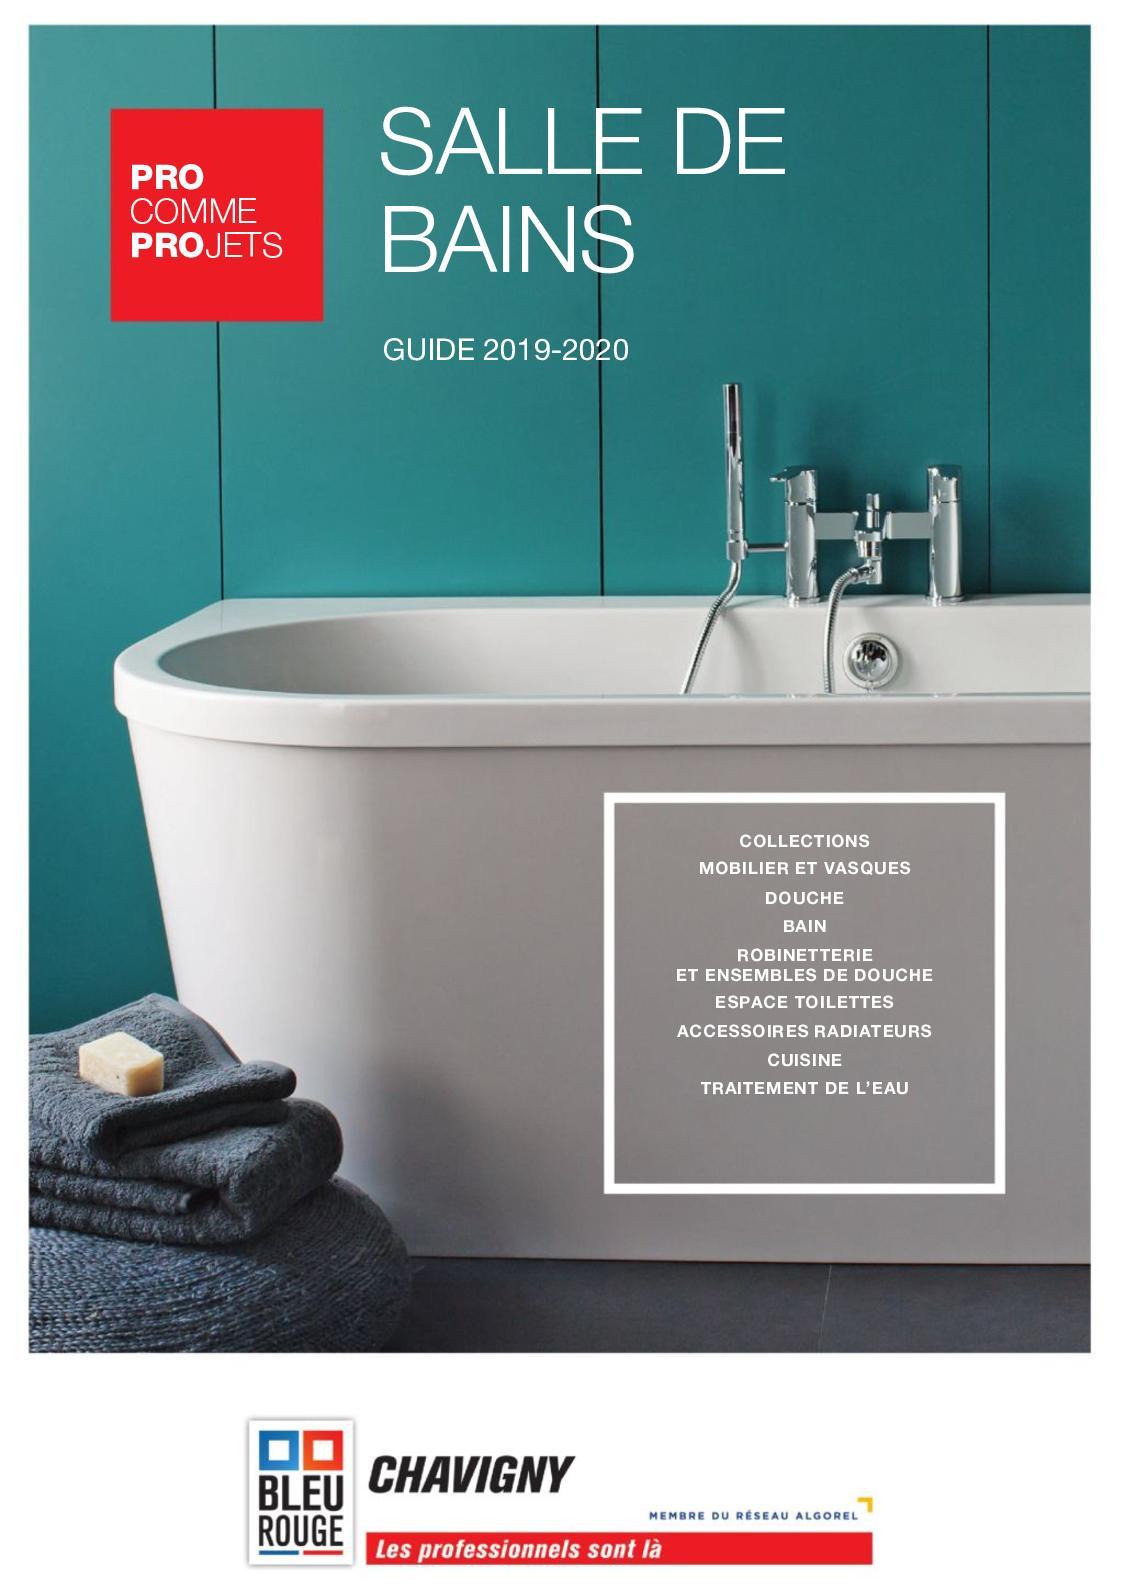 Salon De Jardin Confortable Luxe Calaméo Catalogue Salle De Bain 2019 2020 Of 22 Best Of Salon De Jardin Confortable